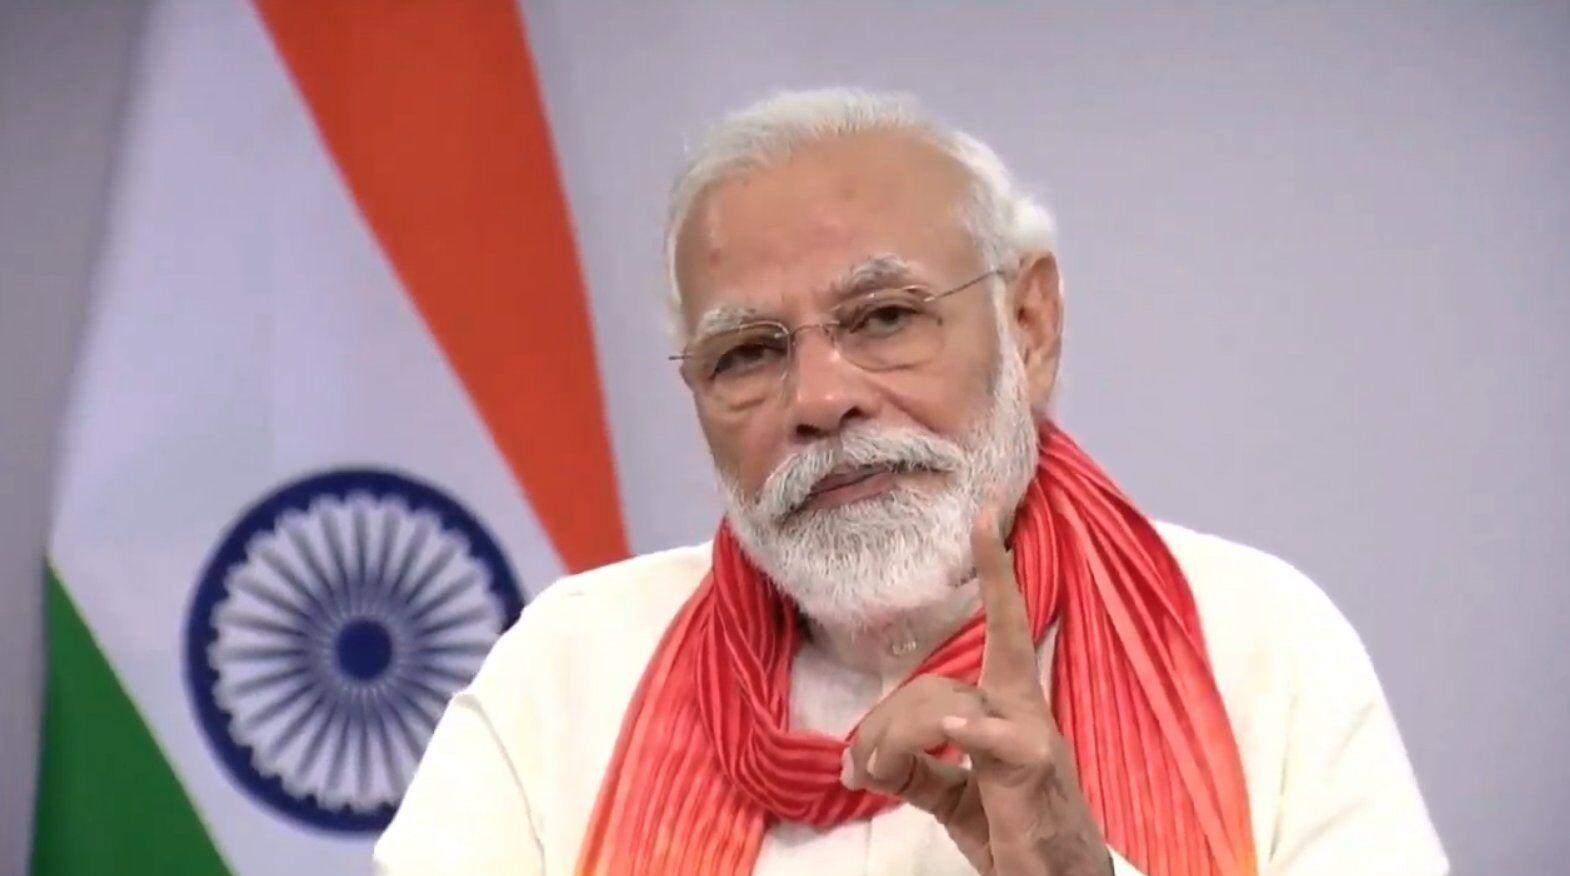 अंतरराष्ट्रीय योग दिवस पर प्रधानमंत्री नरेंद्र मोदी का देश को संदेश